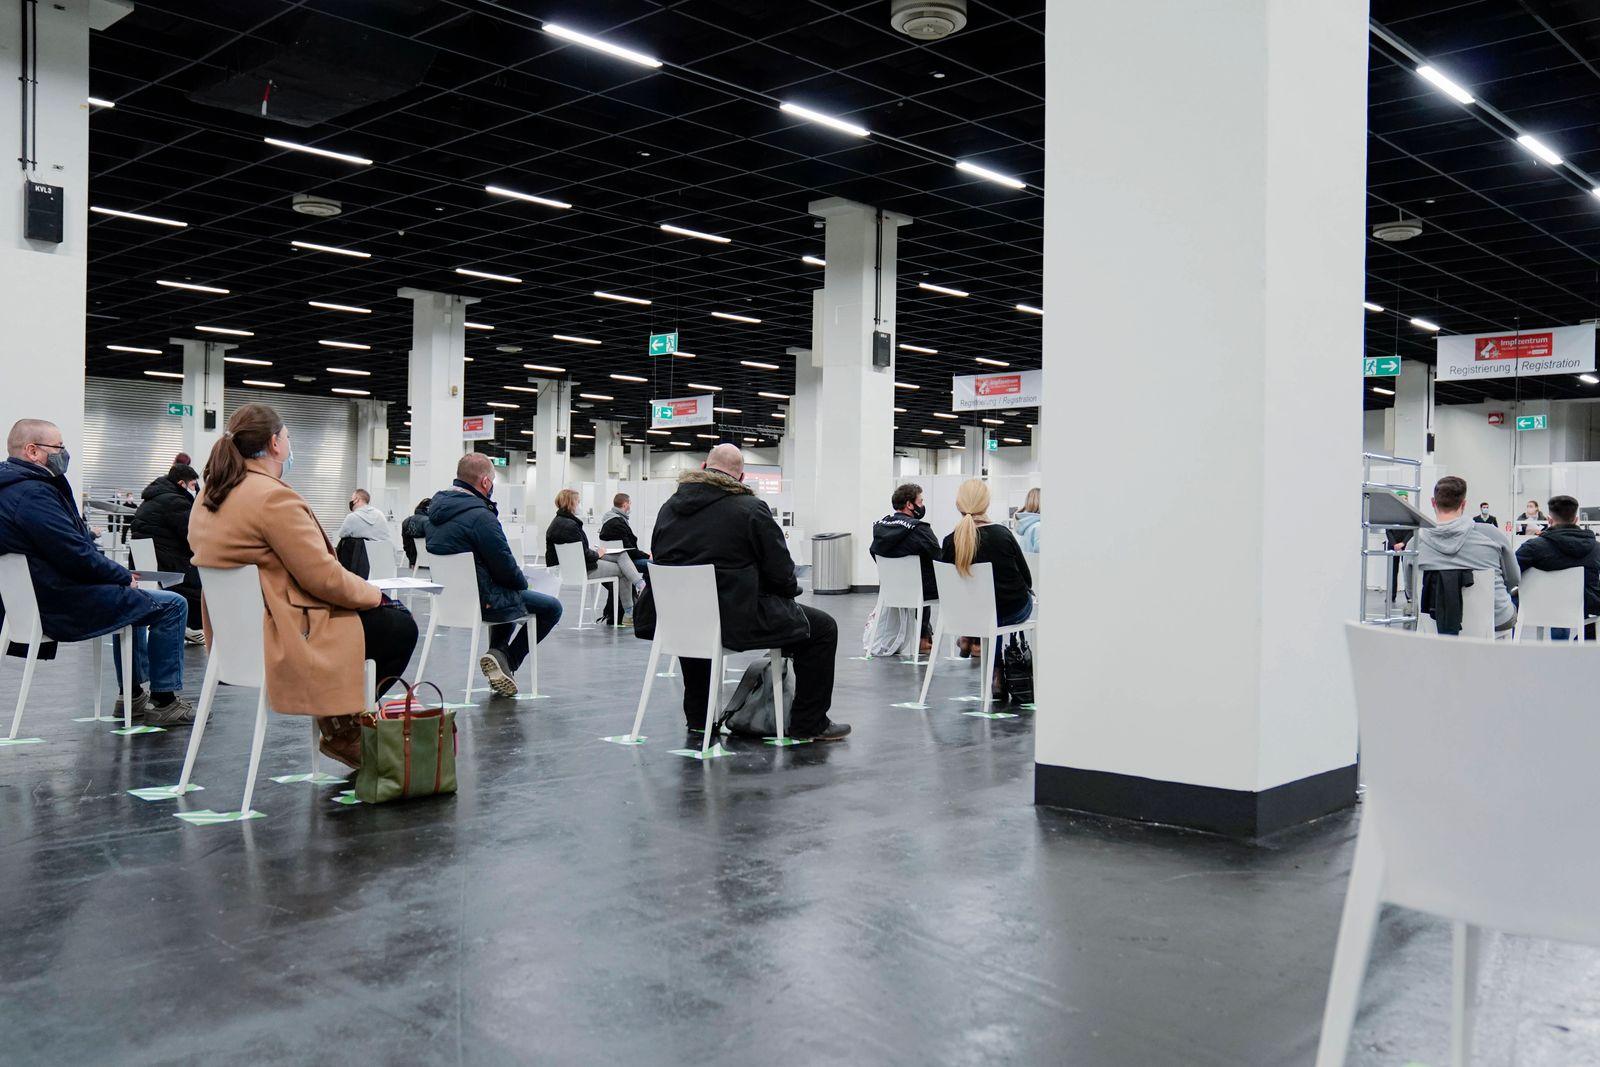 Testlauf mit Probanden im neuen Impfzentrum in der Messe Koeln Aktuell, 22.12.2020, Koeln, Symbolbild, Symbolfoto, Wart